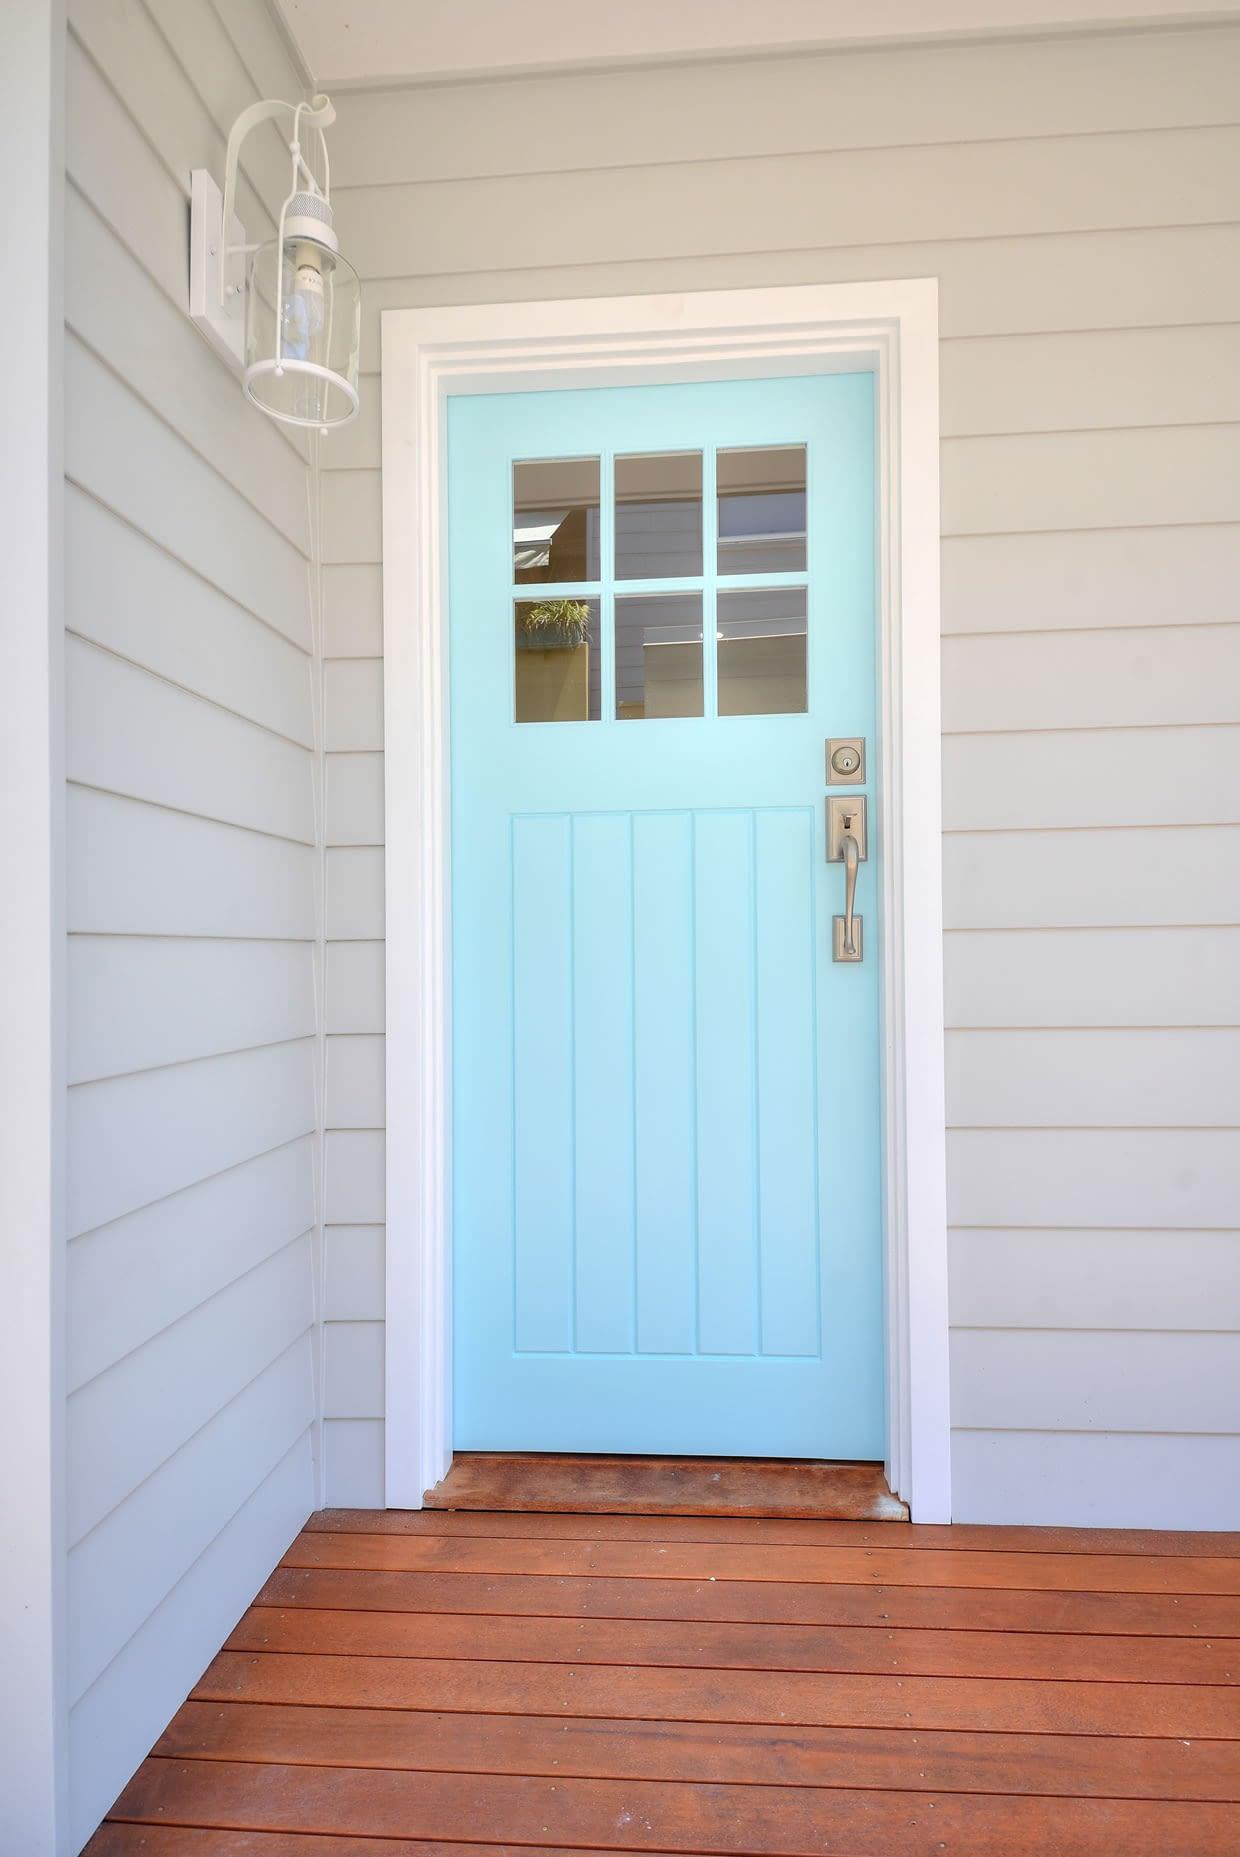 House Renovators Poarch Front Door